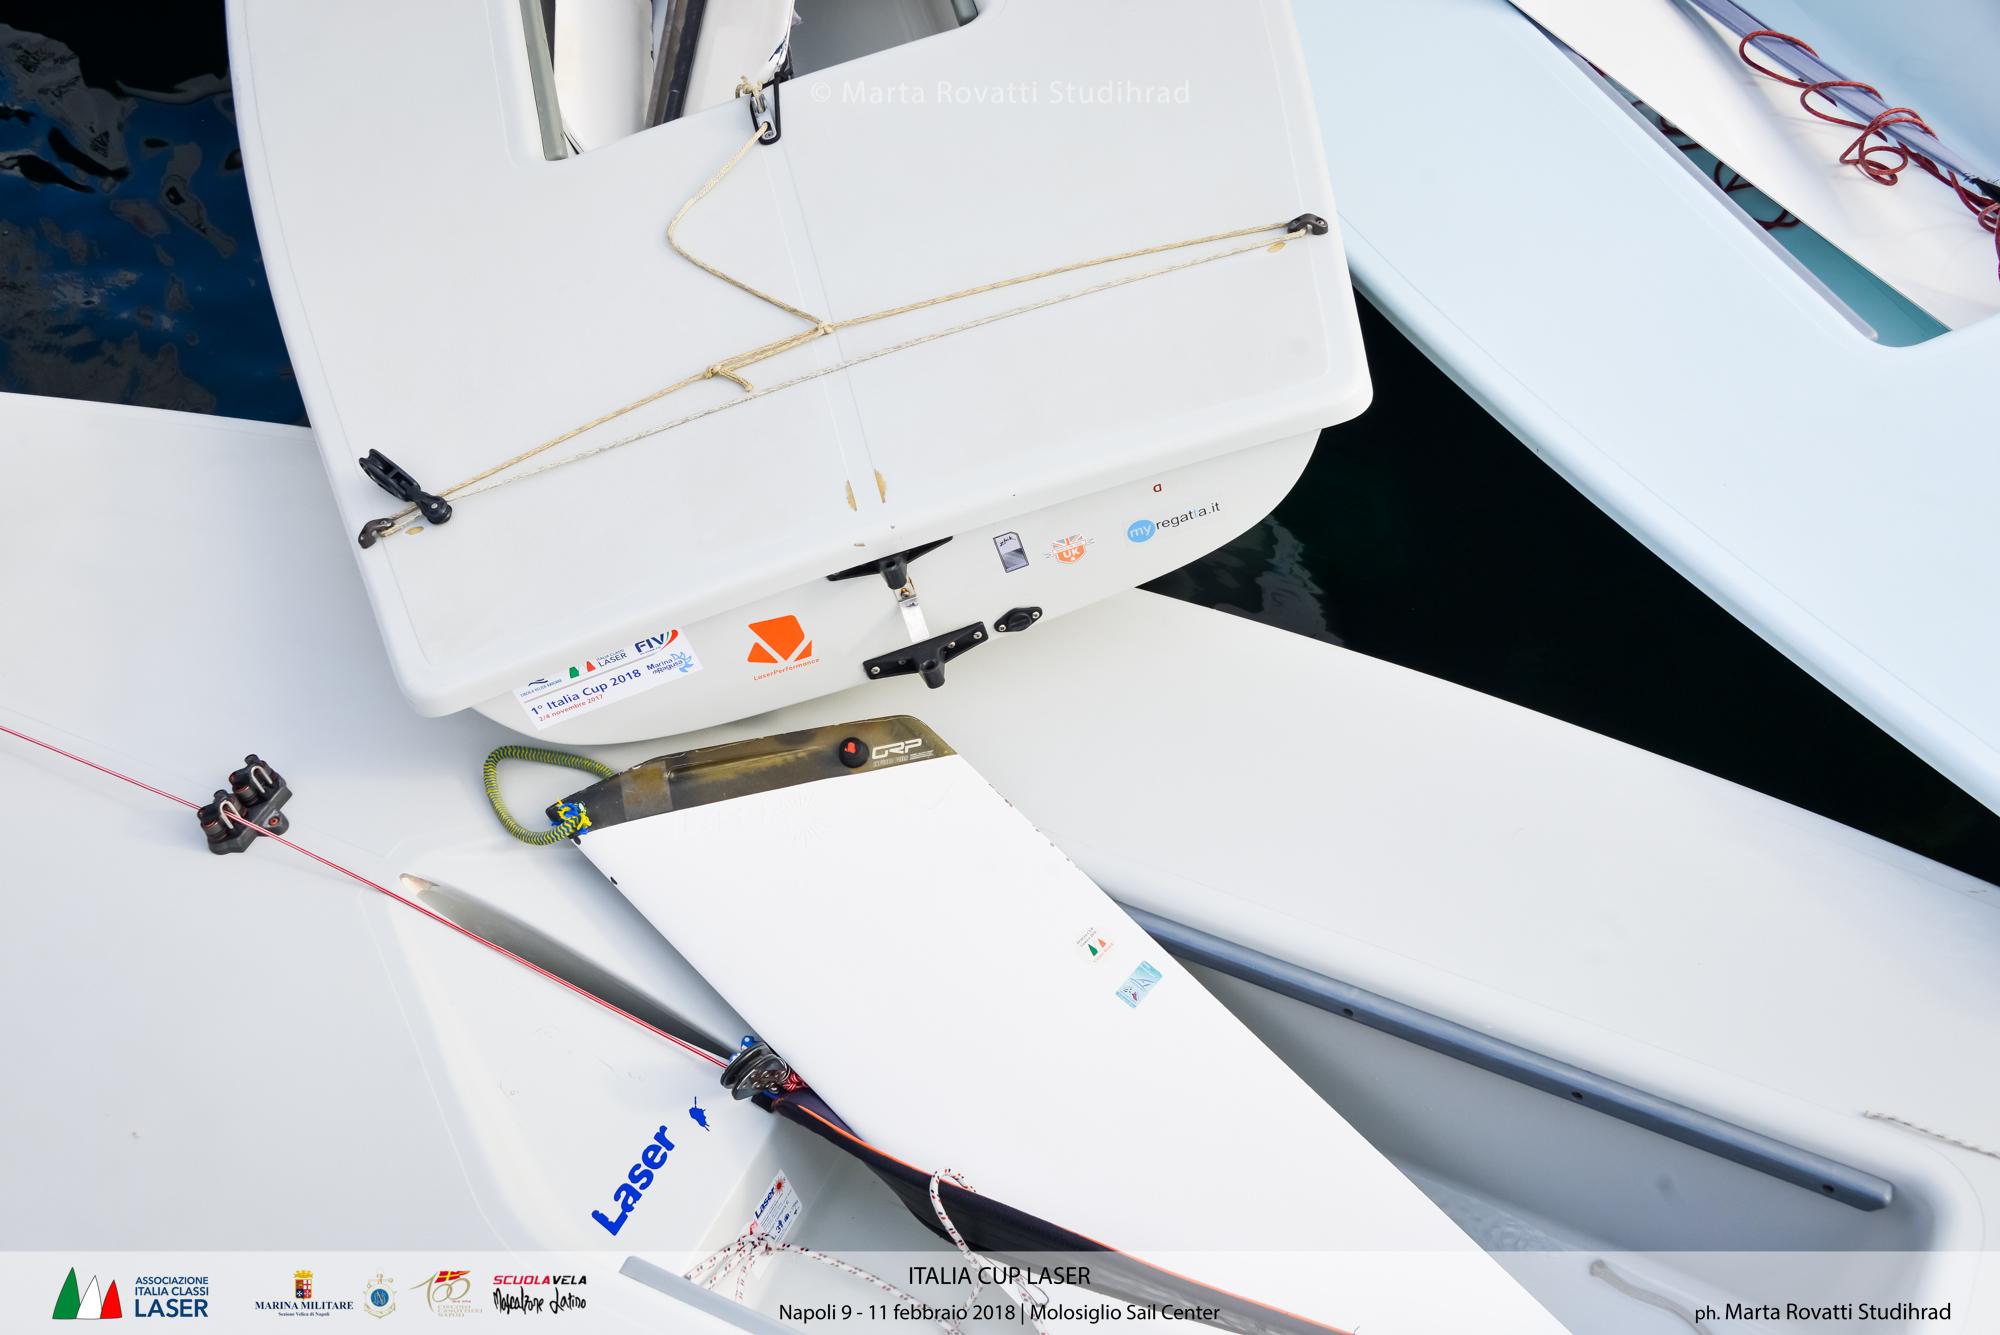 Associazione-Italia-Classi-Laser-2018-NapoliMGR_4887